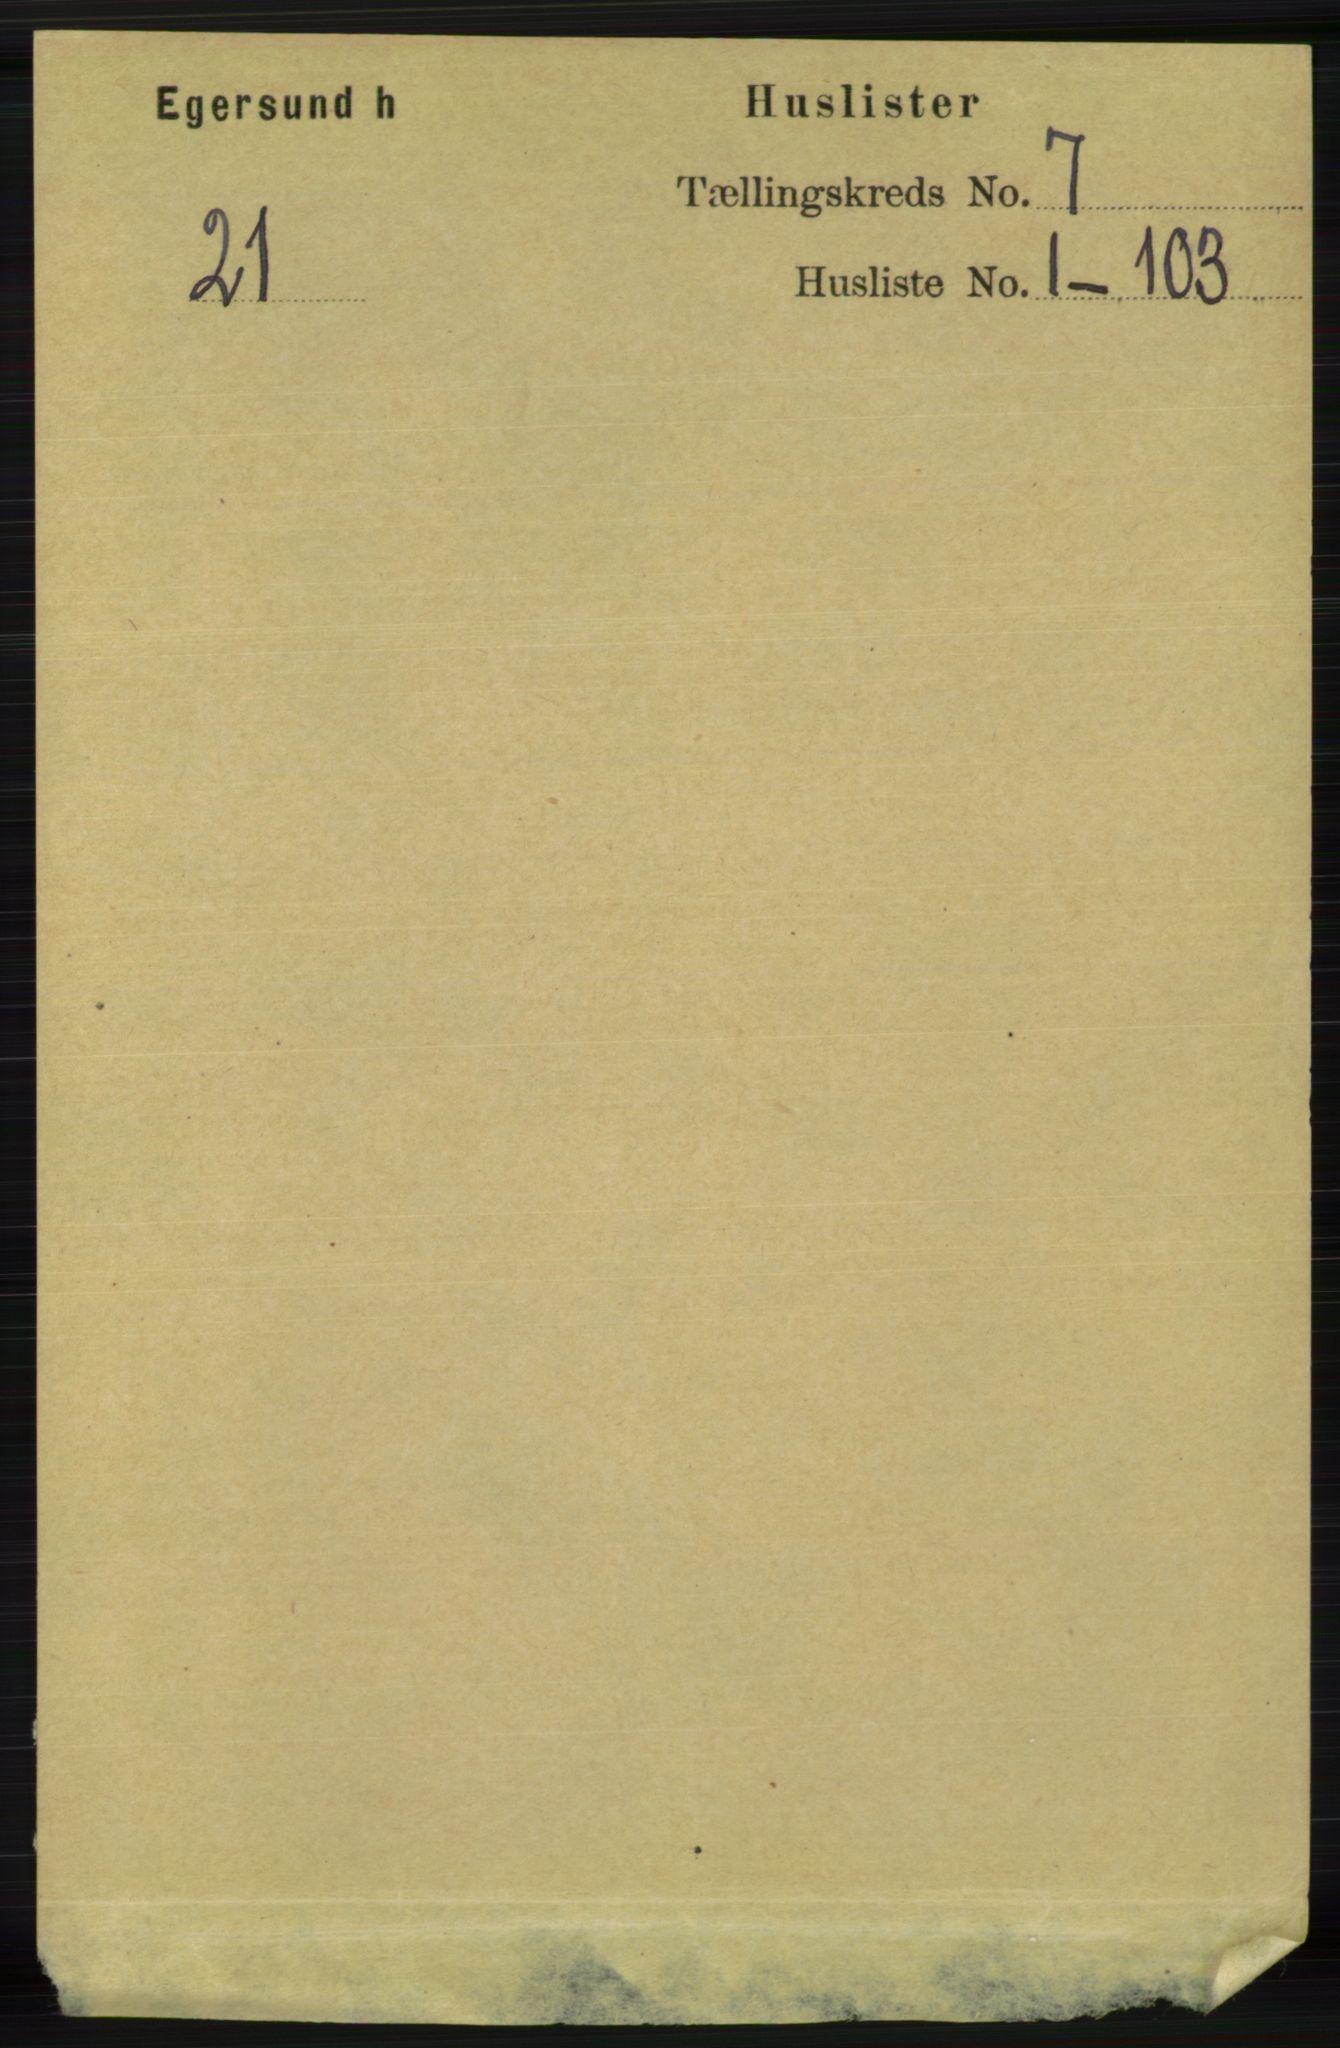 RA, Folketelling 1891 for 1116 Eigersund herred, 1891, s. 2721